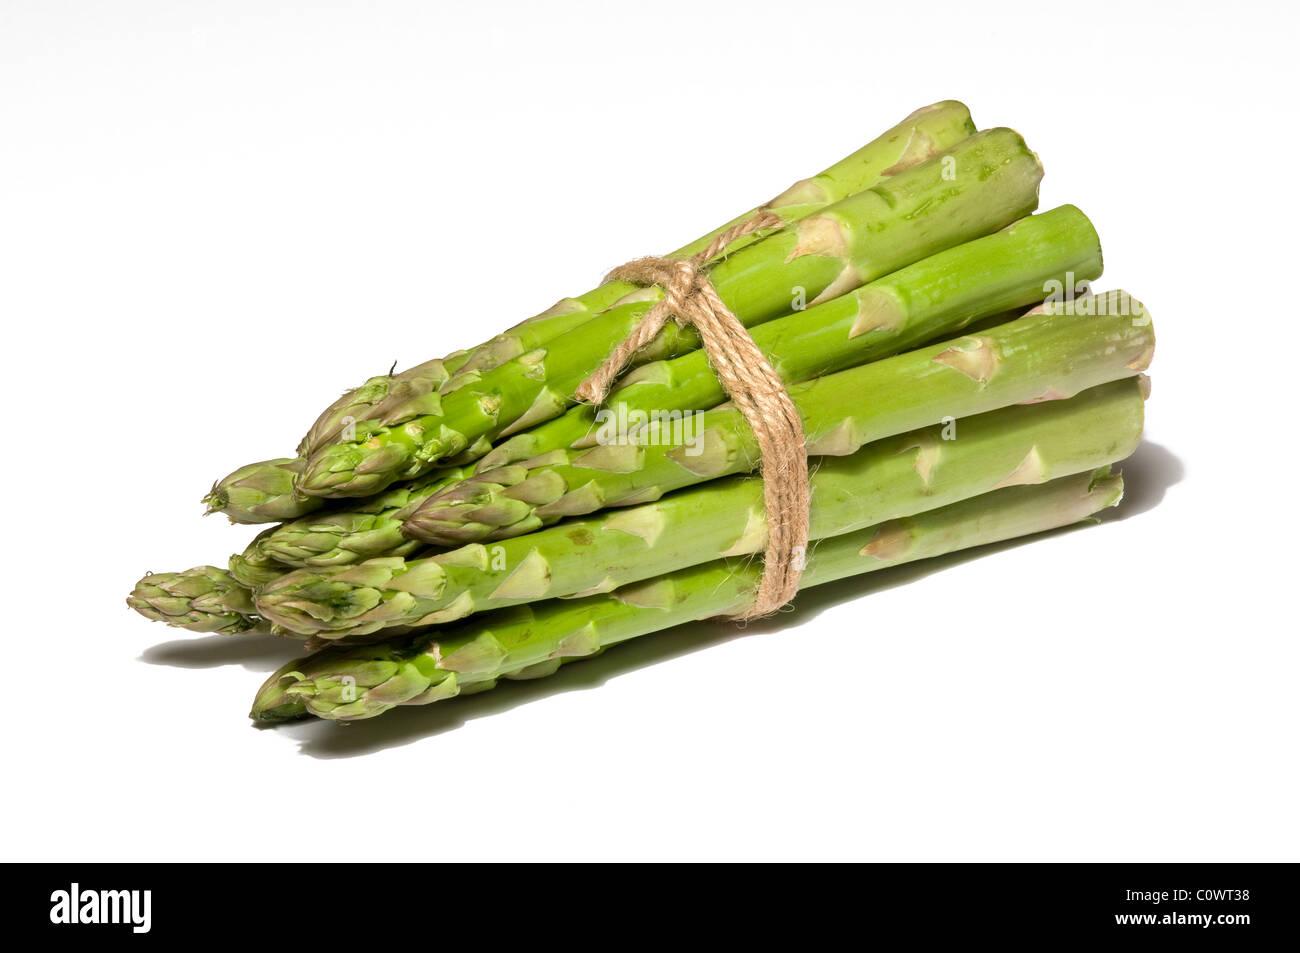 bouquet d'asperges Photo Stock